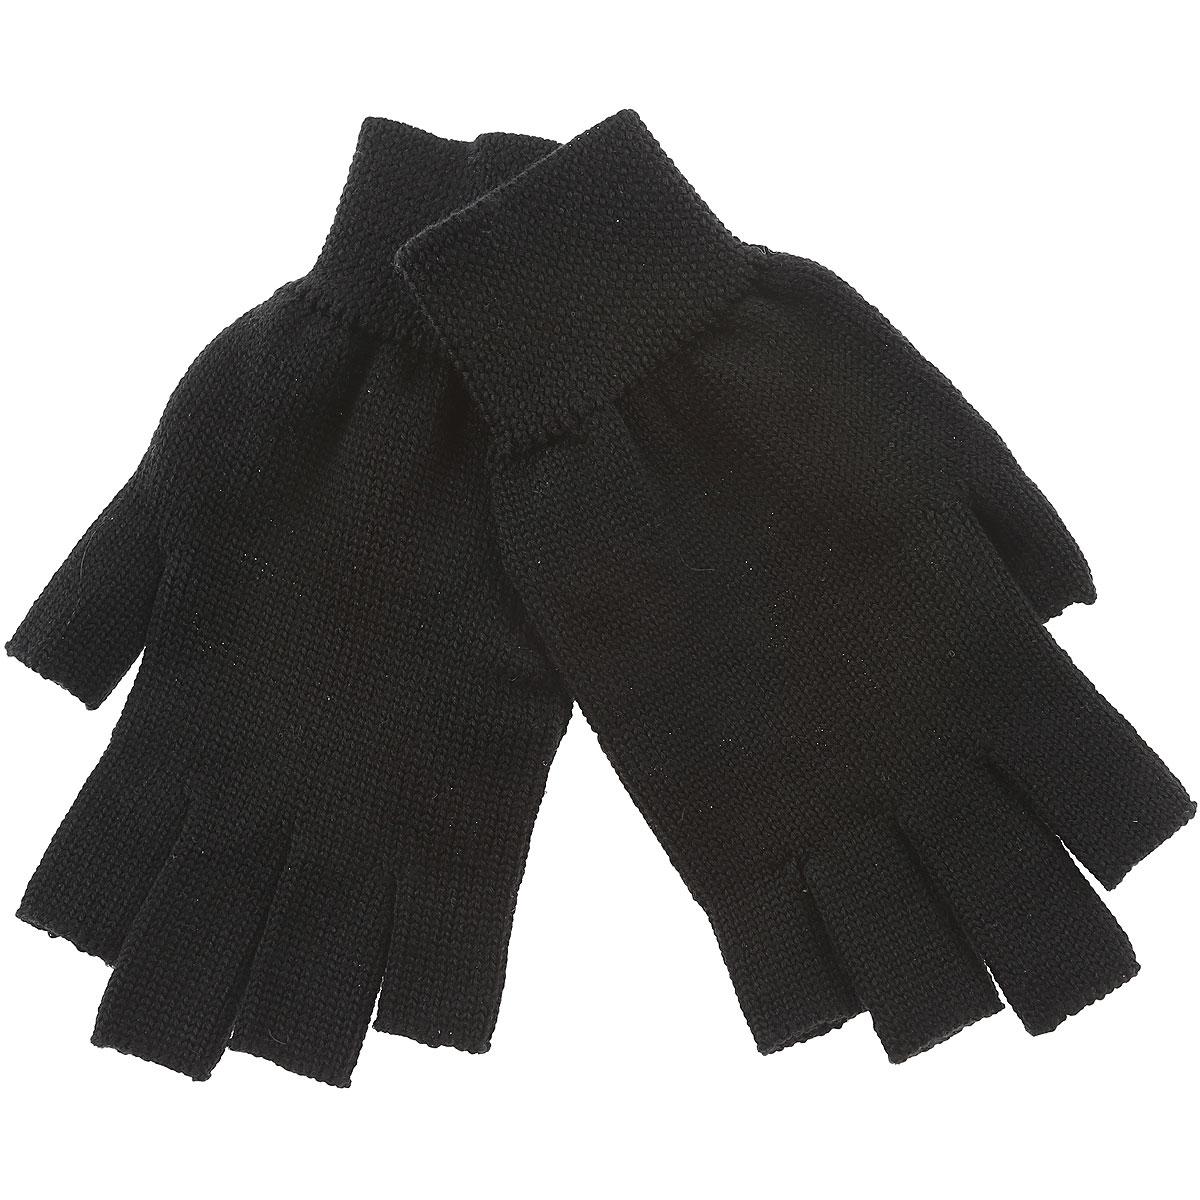 Image of Rick Owens Gloves for Men, Black, Wool, 2017